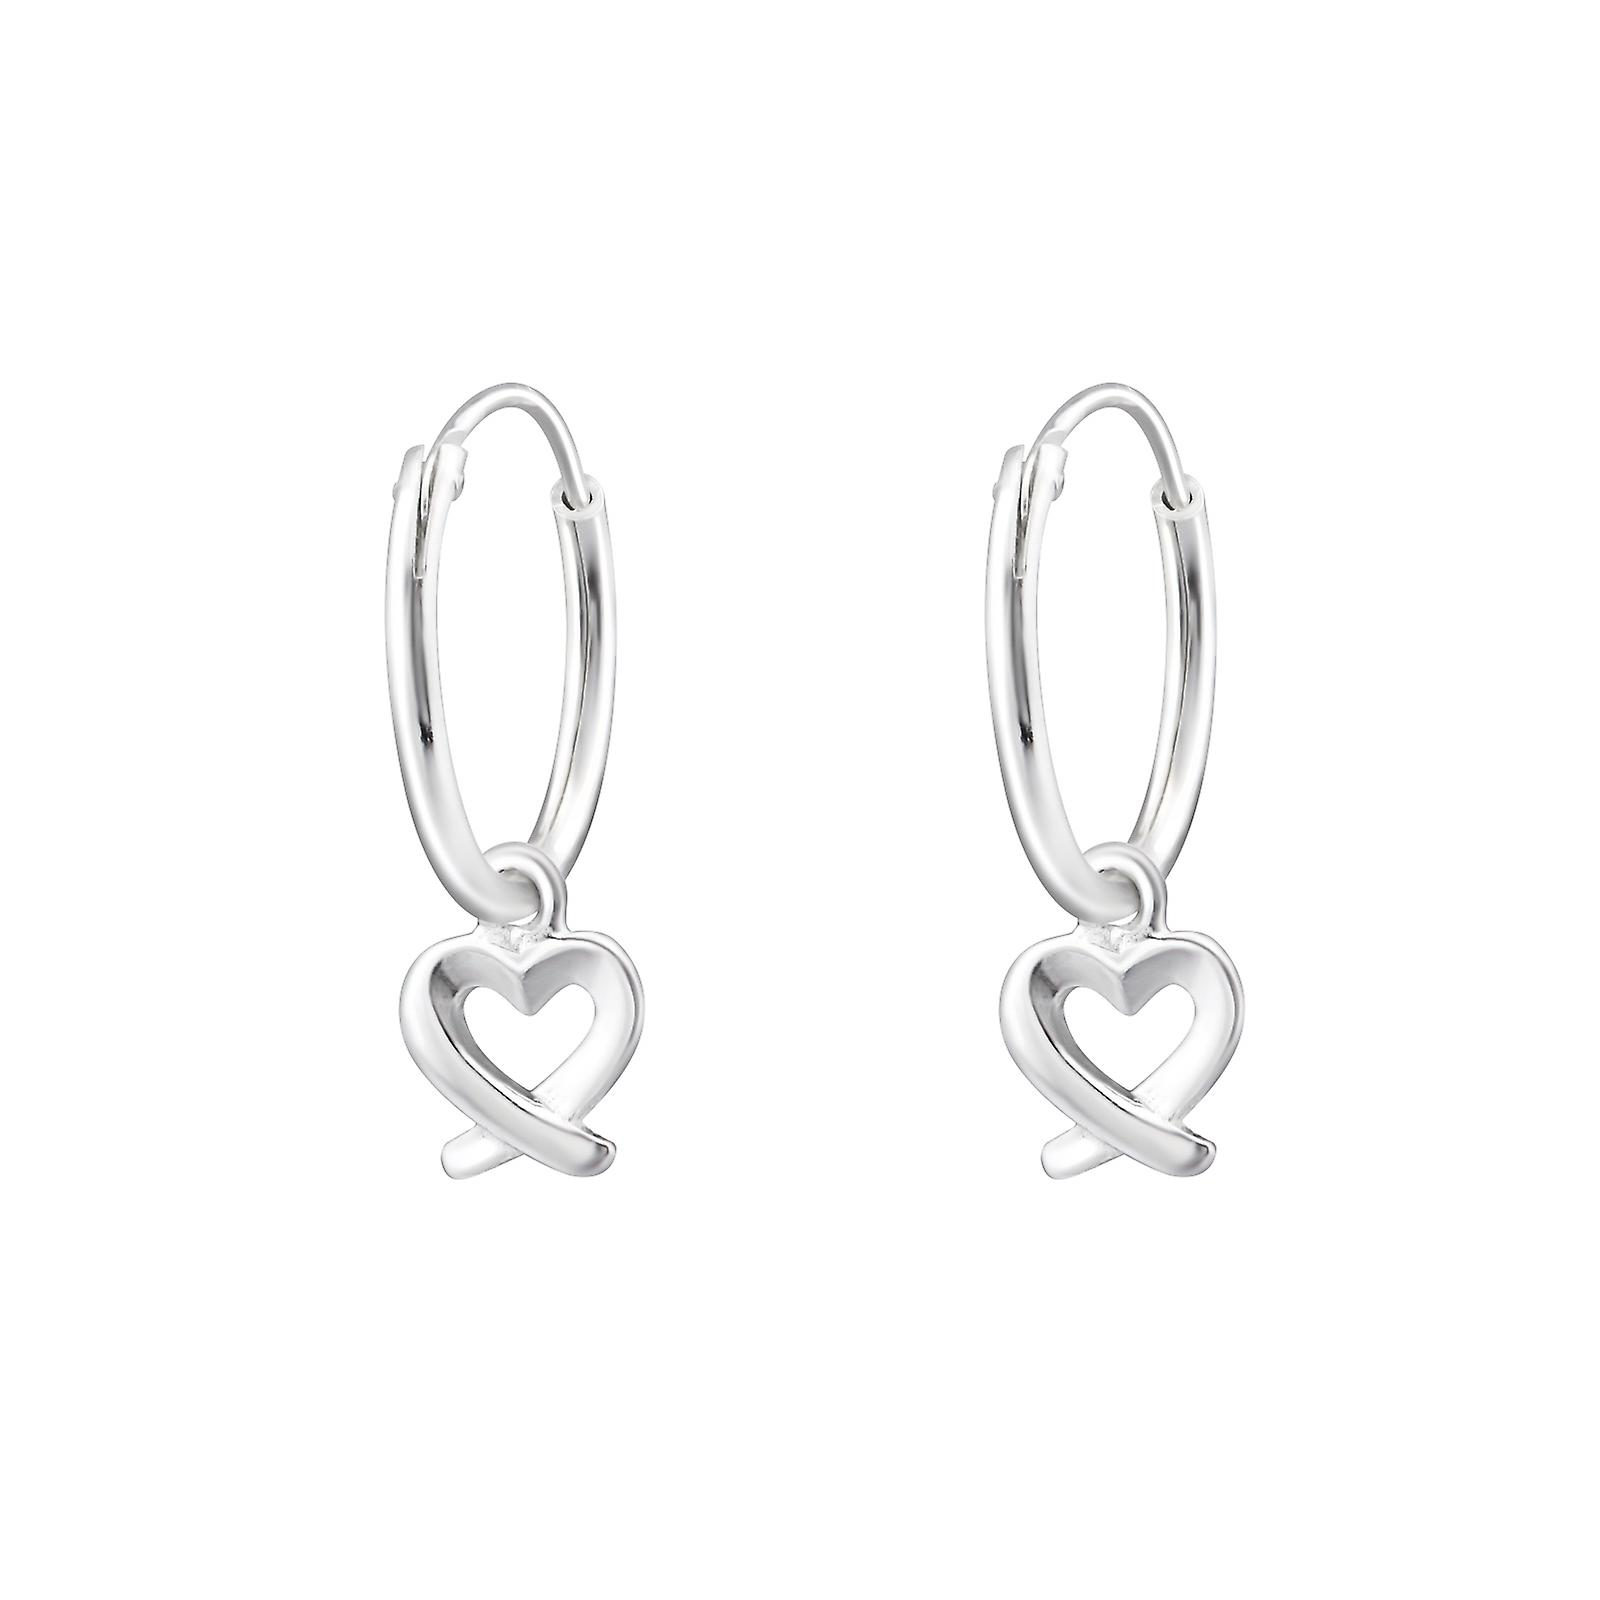 Heart 925 Sterling Silver Ear Hoops W X